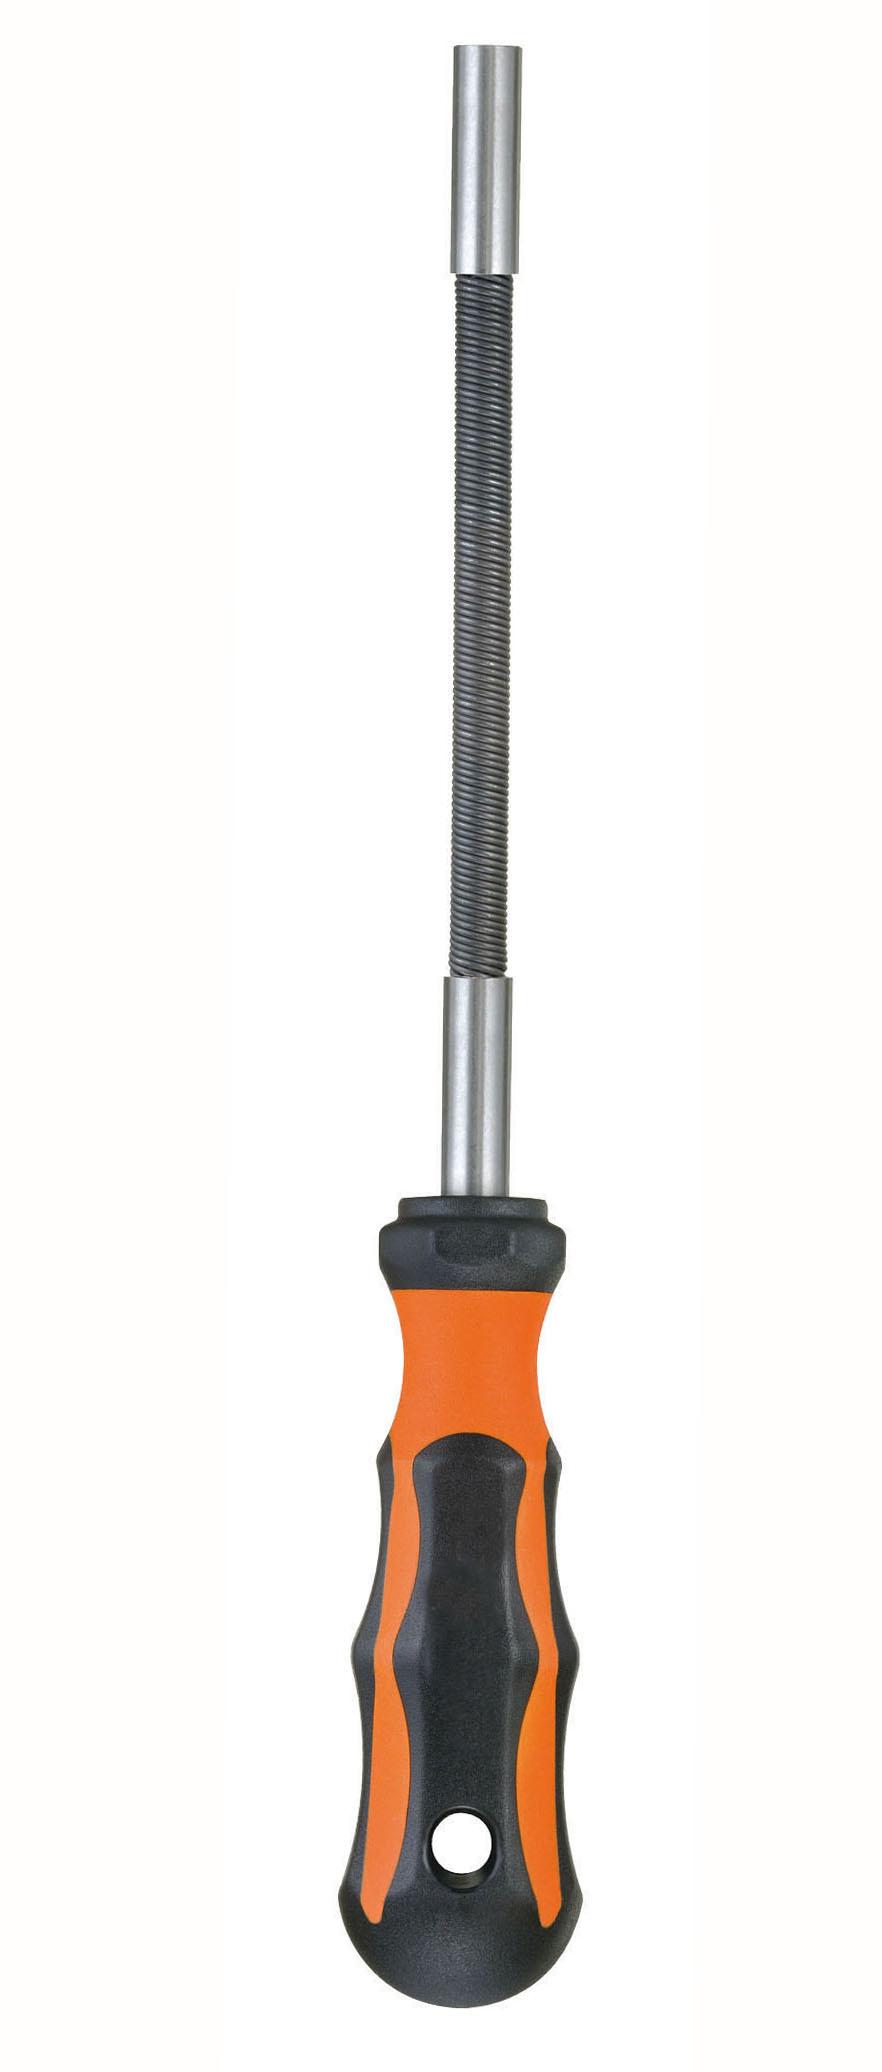 Vissage Poignée porte-embout flexible Poignée porte-embout flexible - 644.jpg